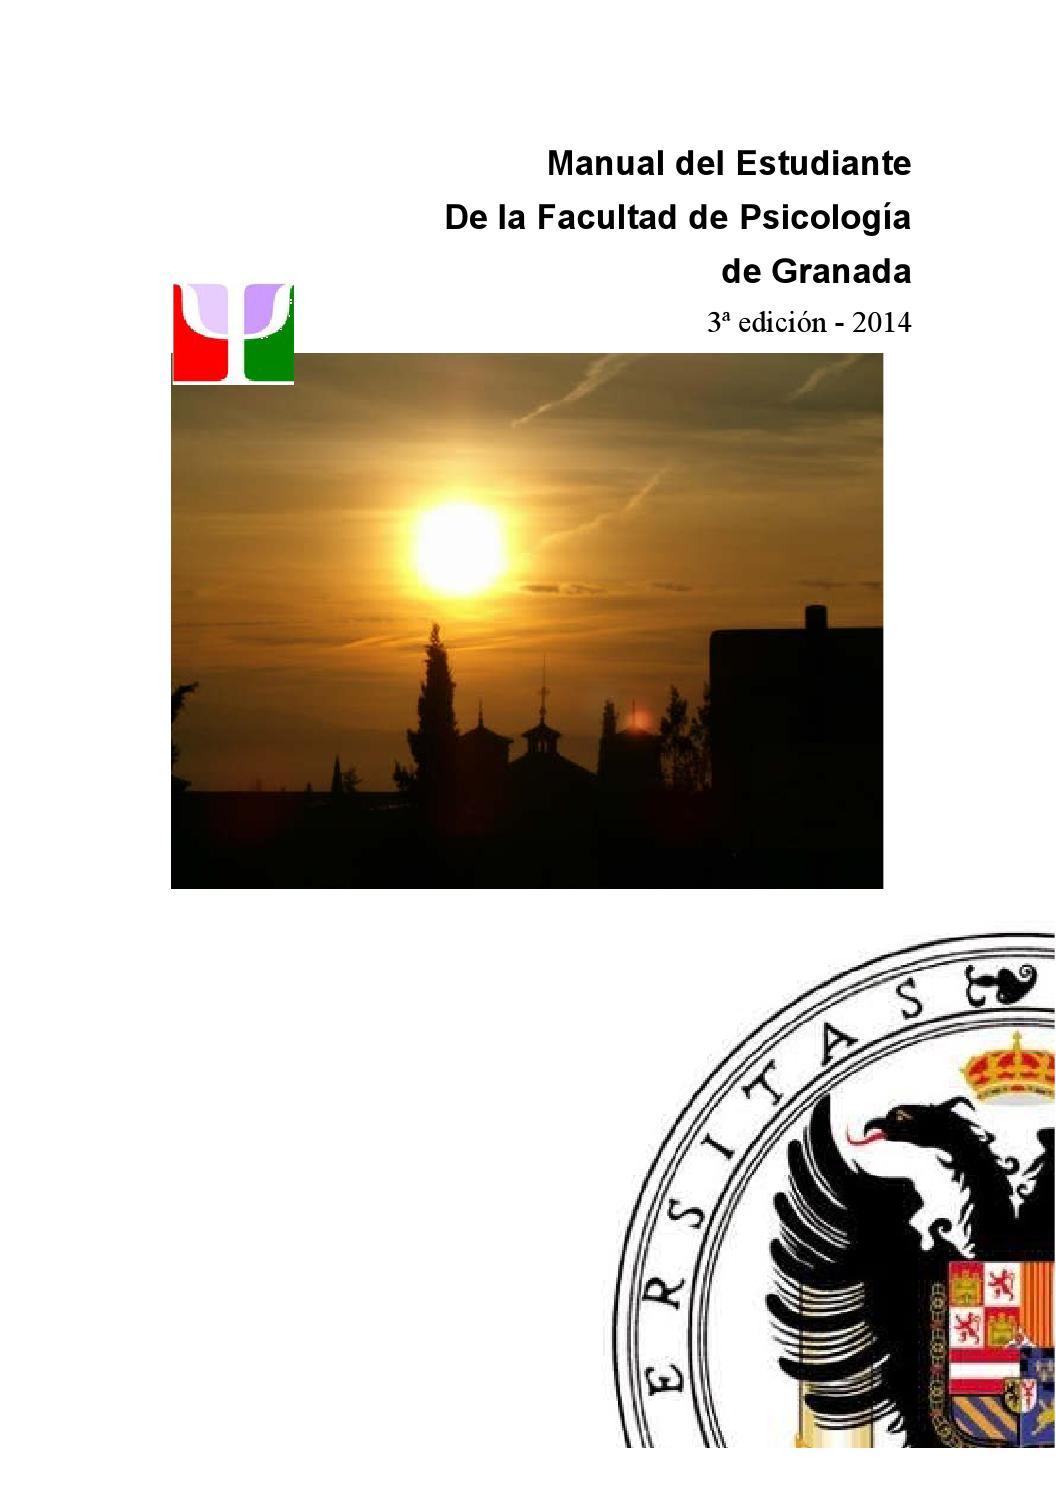 Manual del Estudiante de la Facultad de Psicología (3ª Edición) 2014 ...